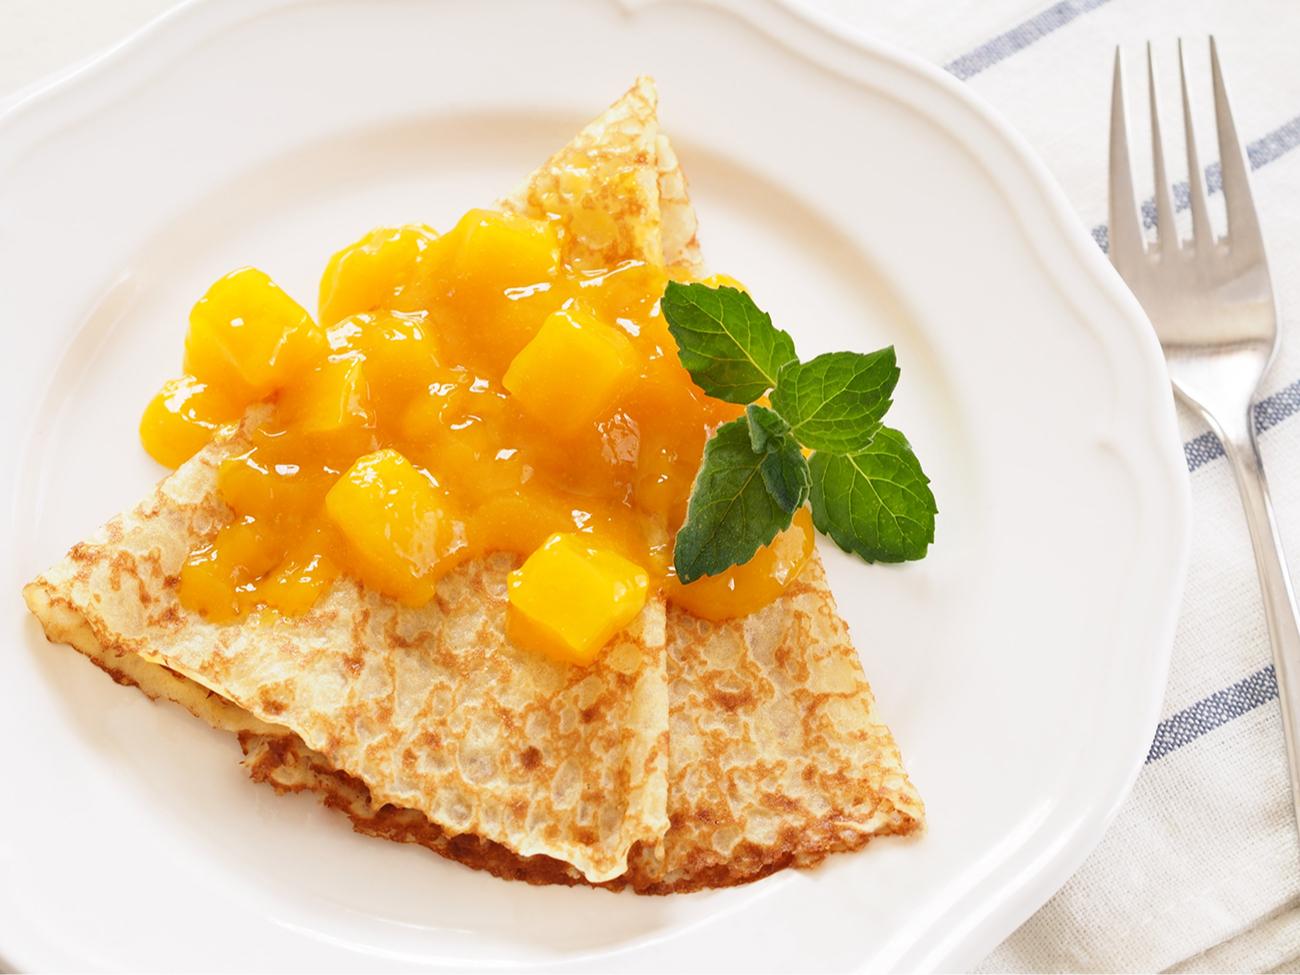 Варенье из манго поднимает настроение и напомнит о жарких странах холодной зимой